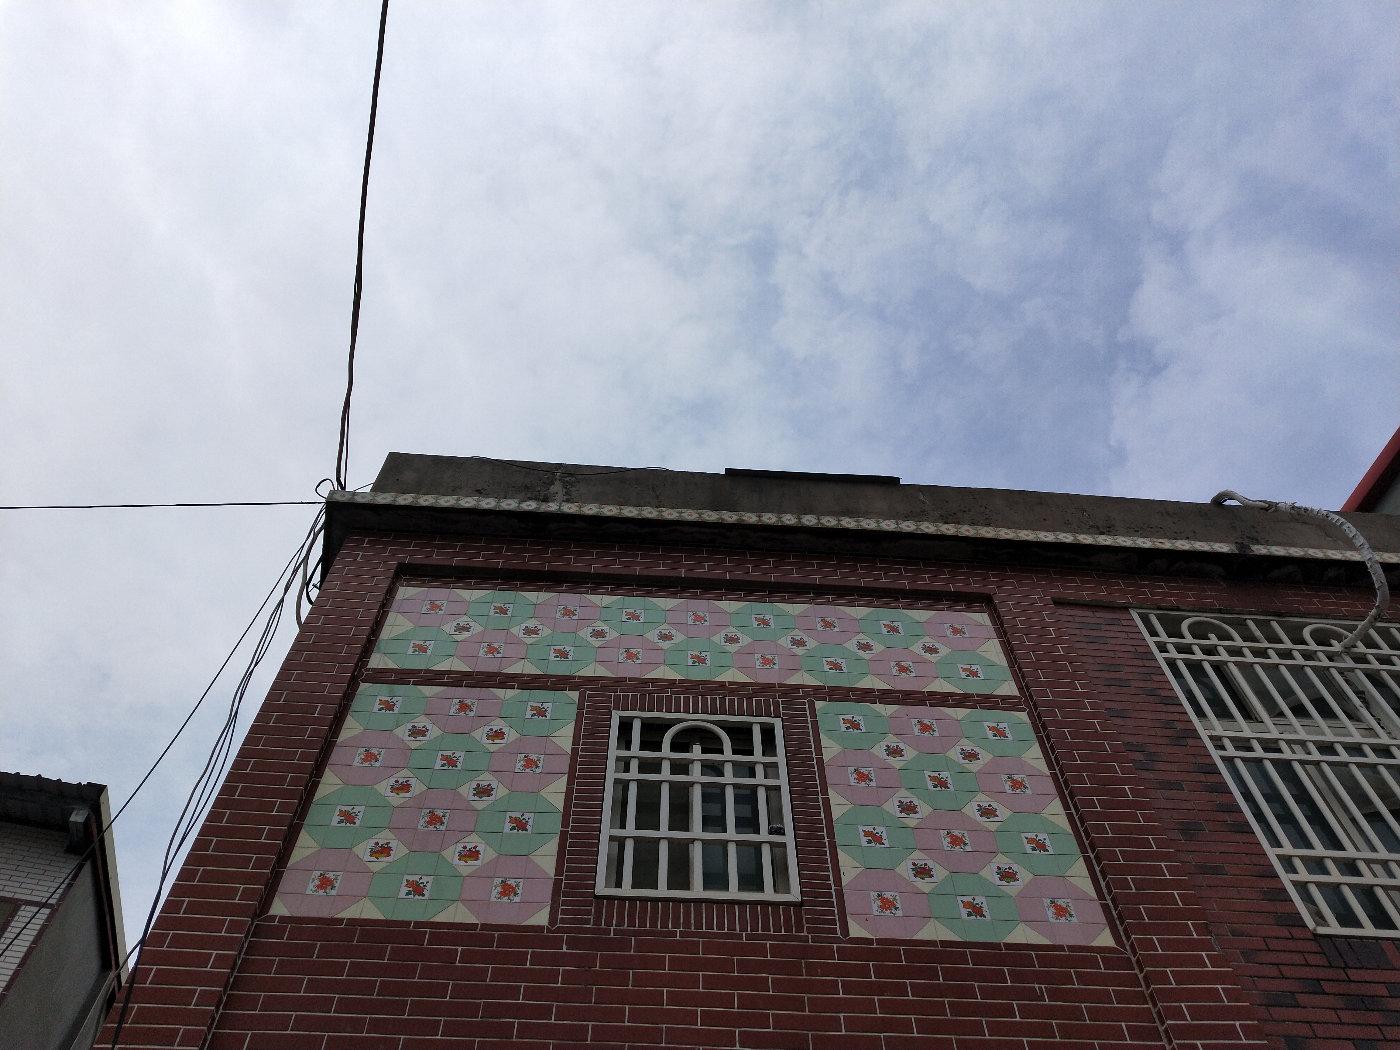 看把花砖贴在外墙上多好看!为什么我们老家只知道贴在地板上???